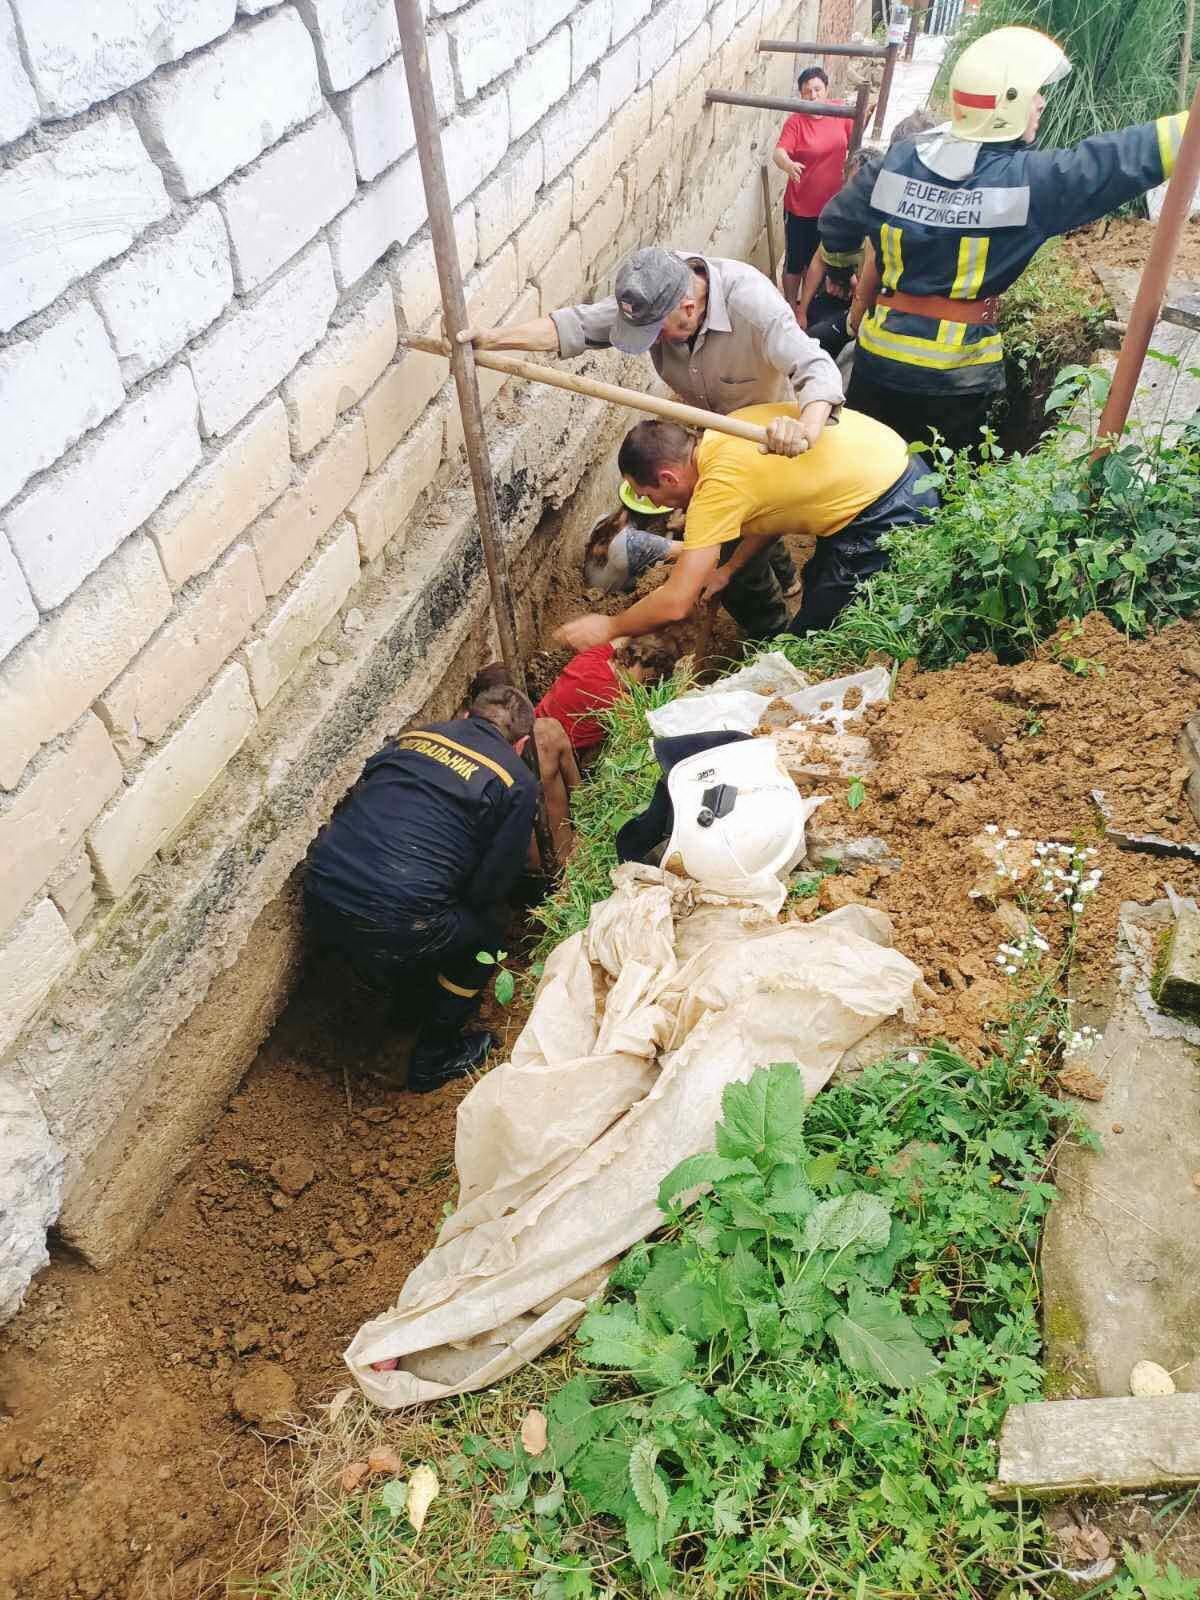 Під час робіт з укріплення фундаменту будинку в Перечині засипало землею трьох людей – одна жінка загинула